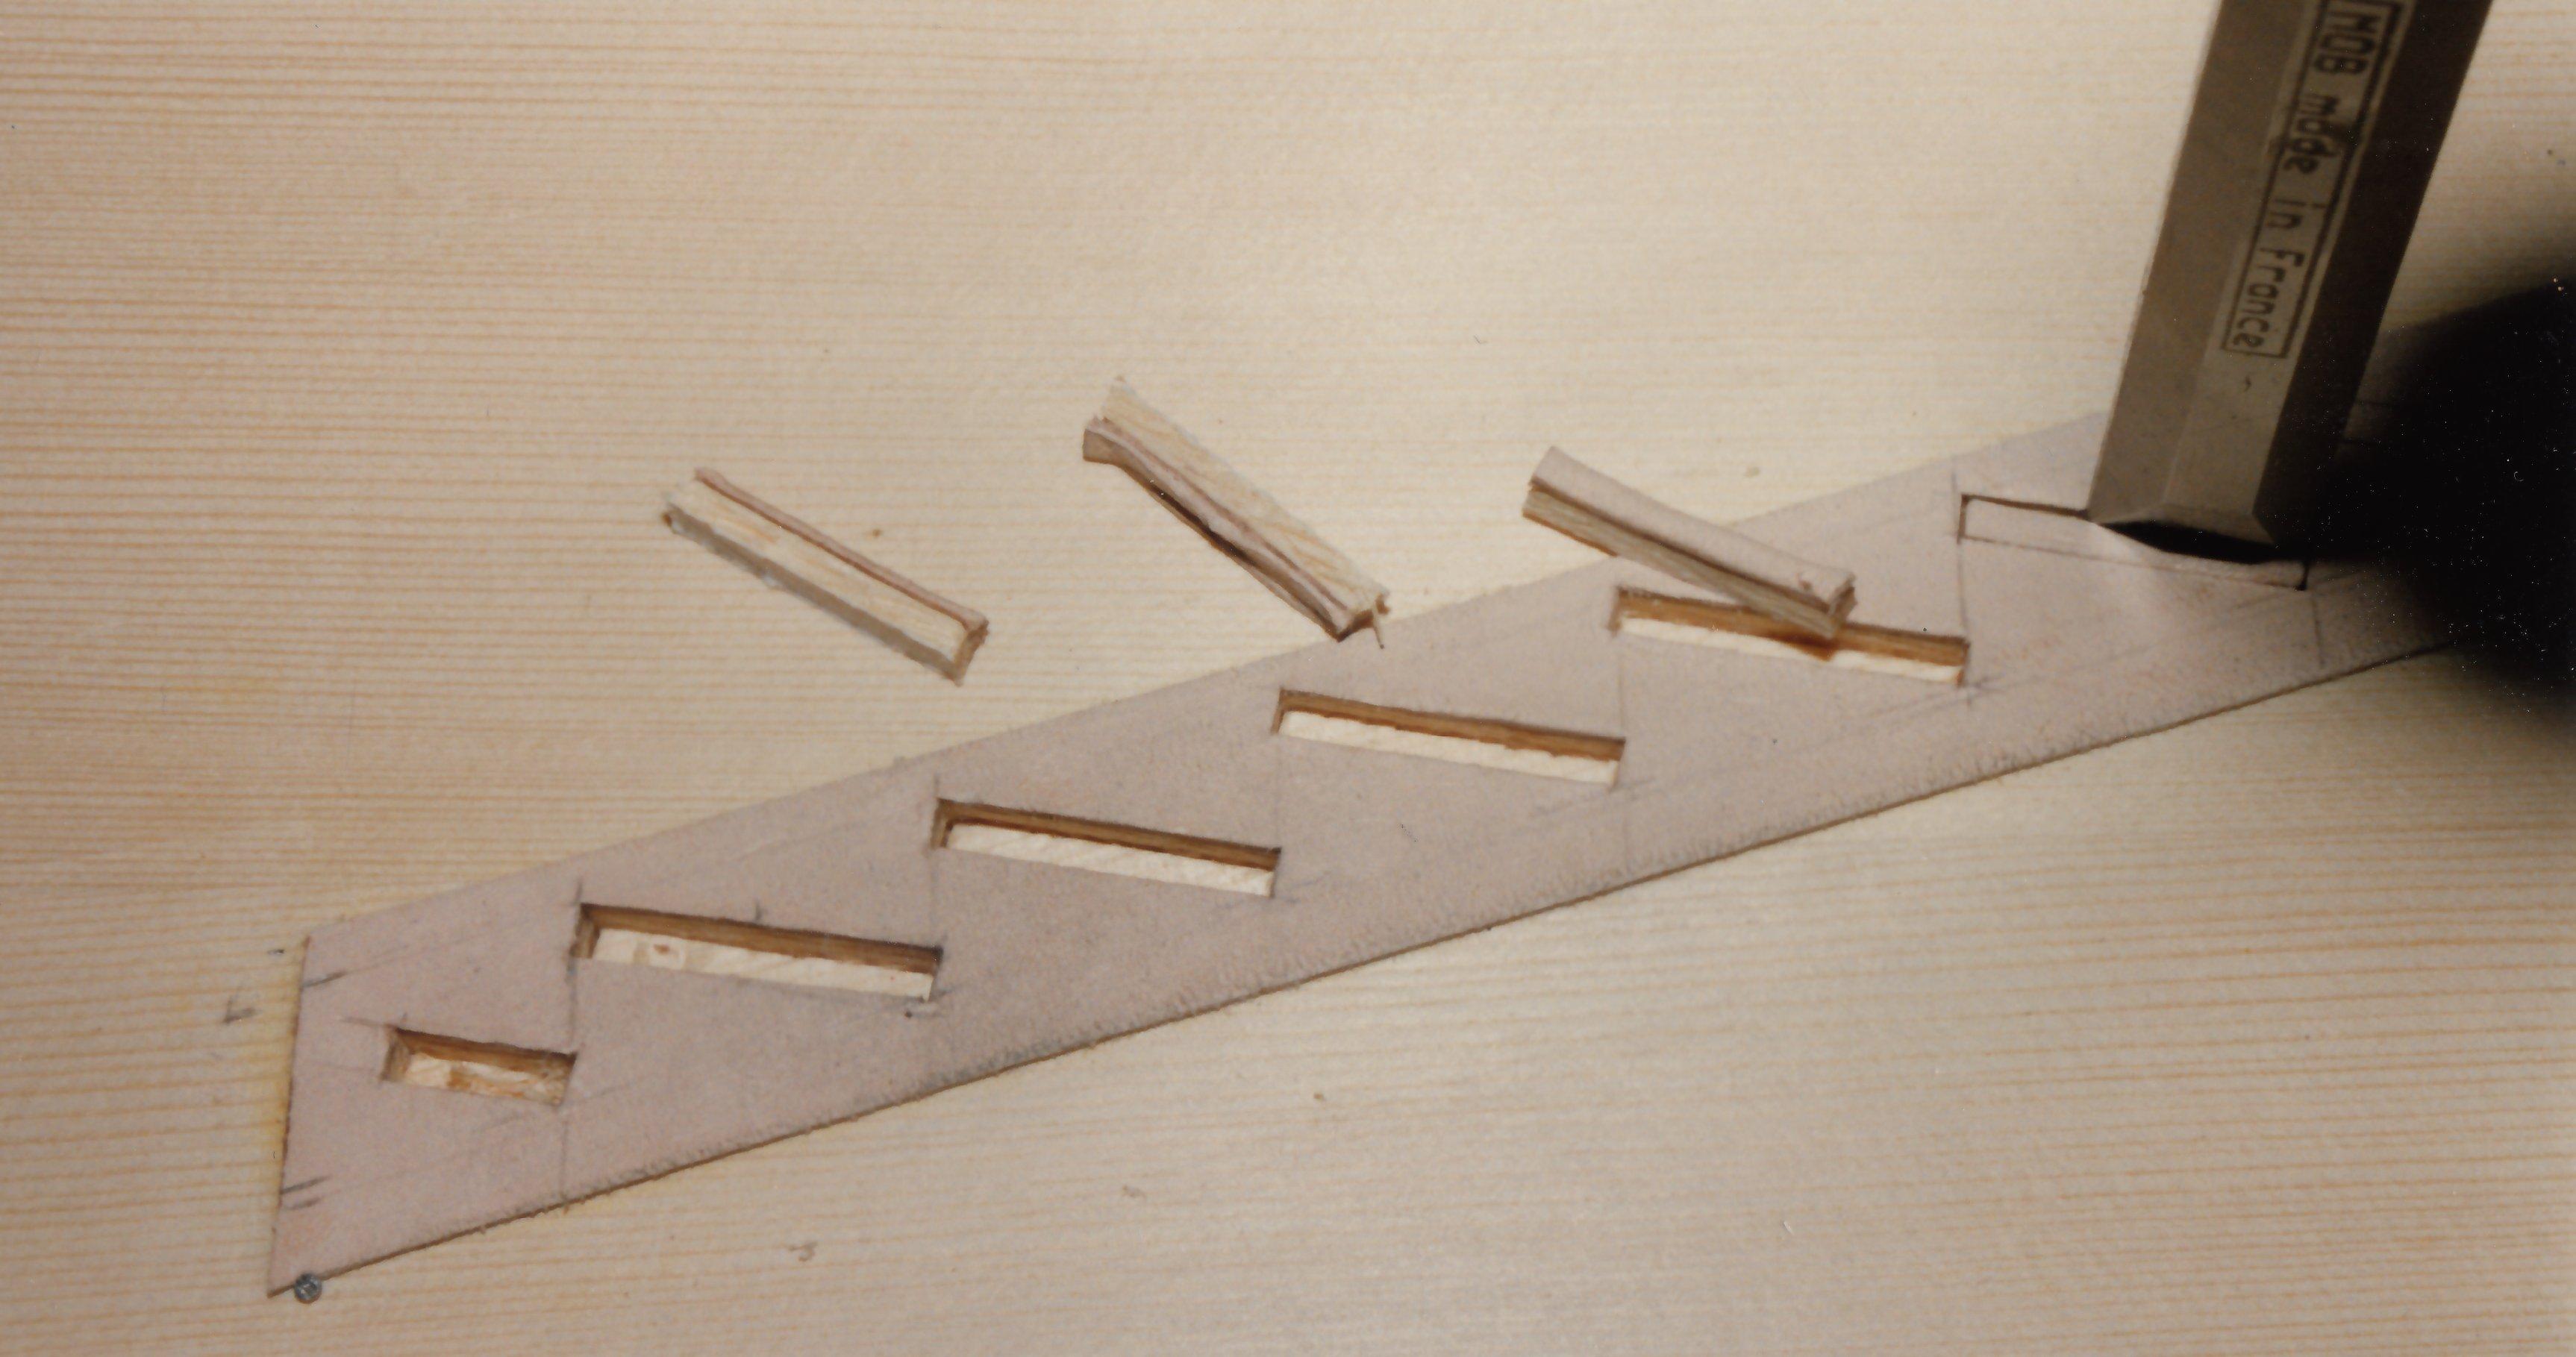 Fabrication d'instruments de musique anciens de bgire - Page 2 20030510304323134916674703